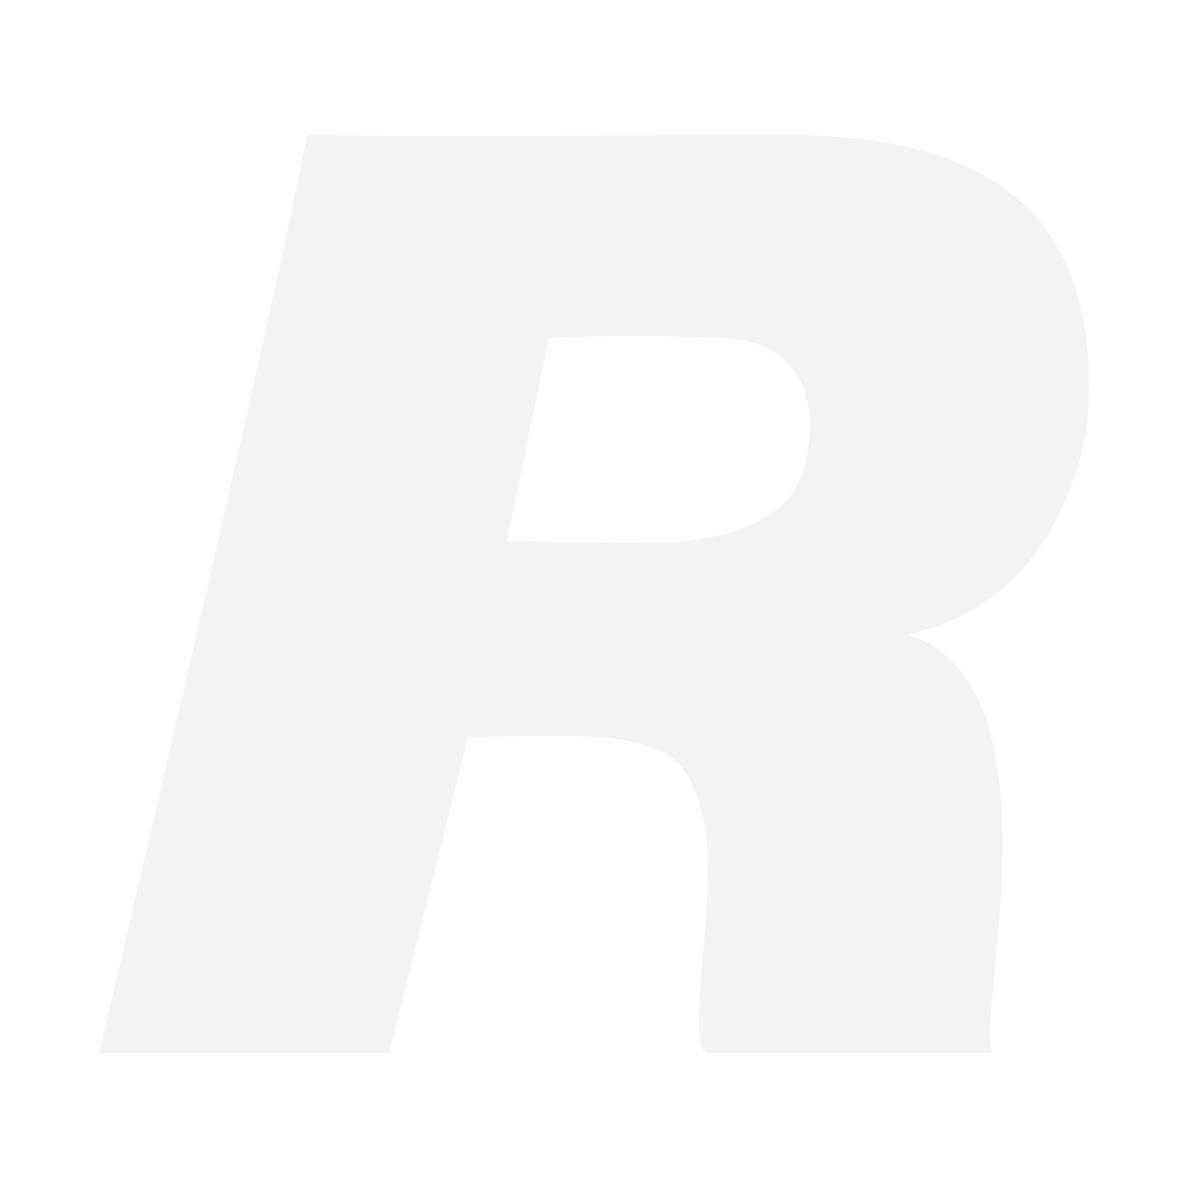 DJI Inspire 1 quick release -potkurit (1360S)